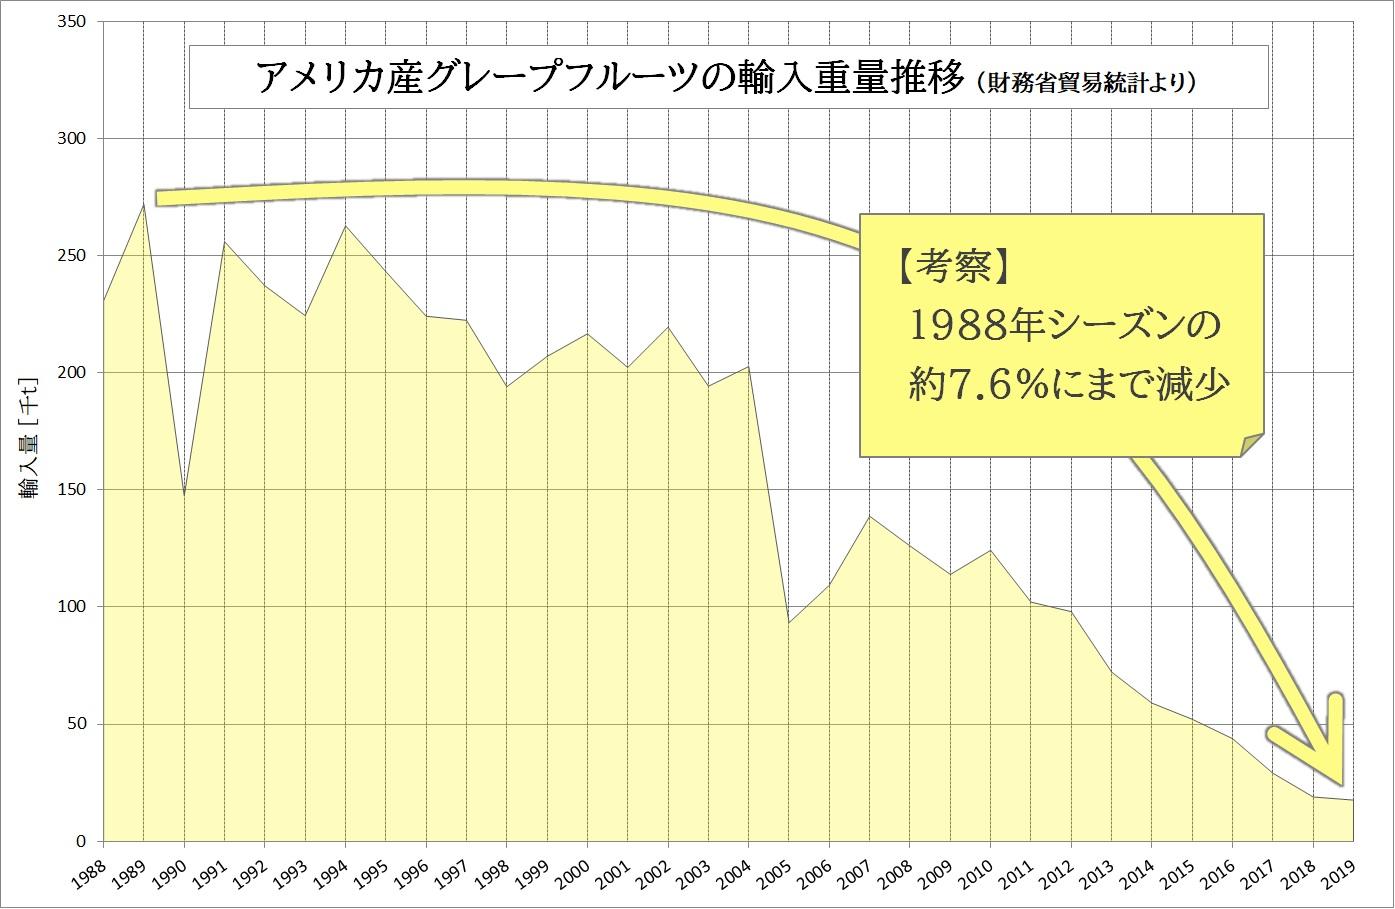 アメリカ産グレープフルーツ 輸入量 推移